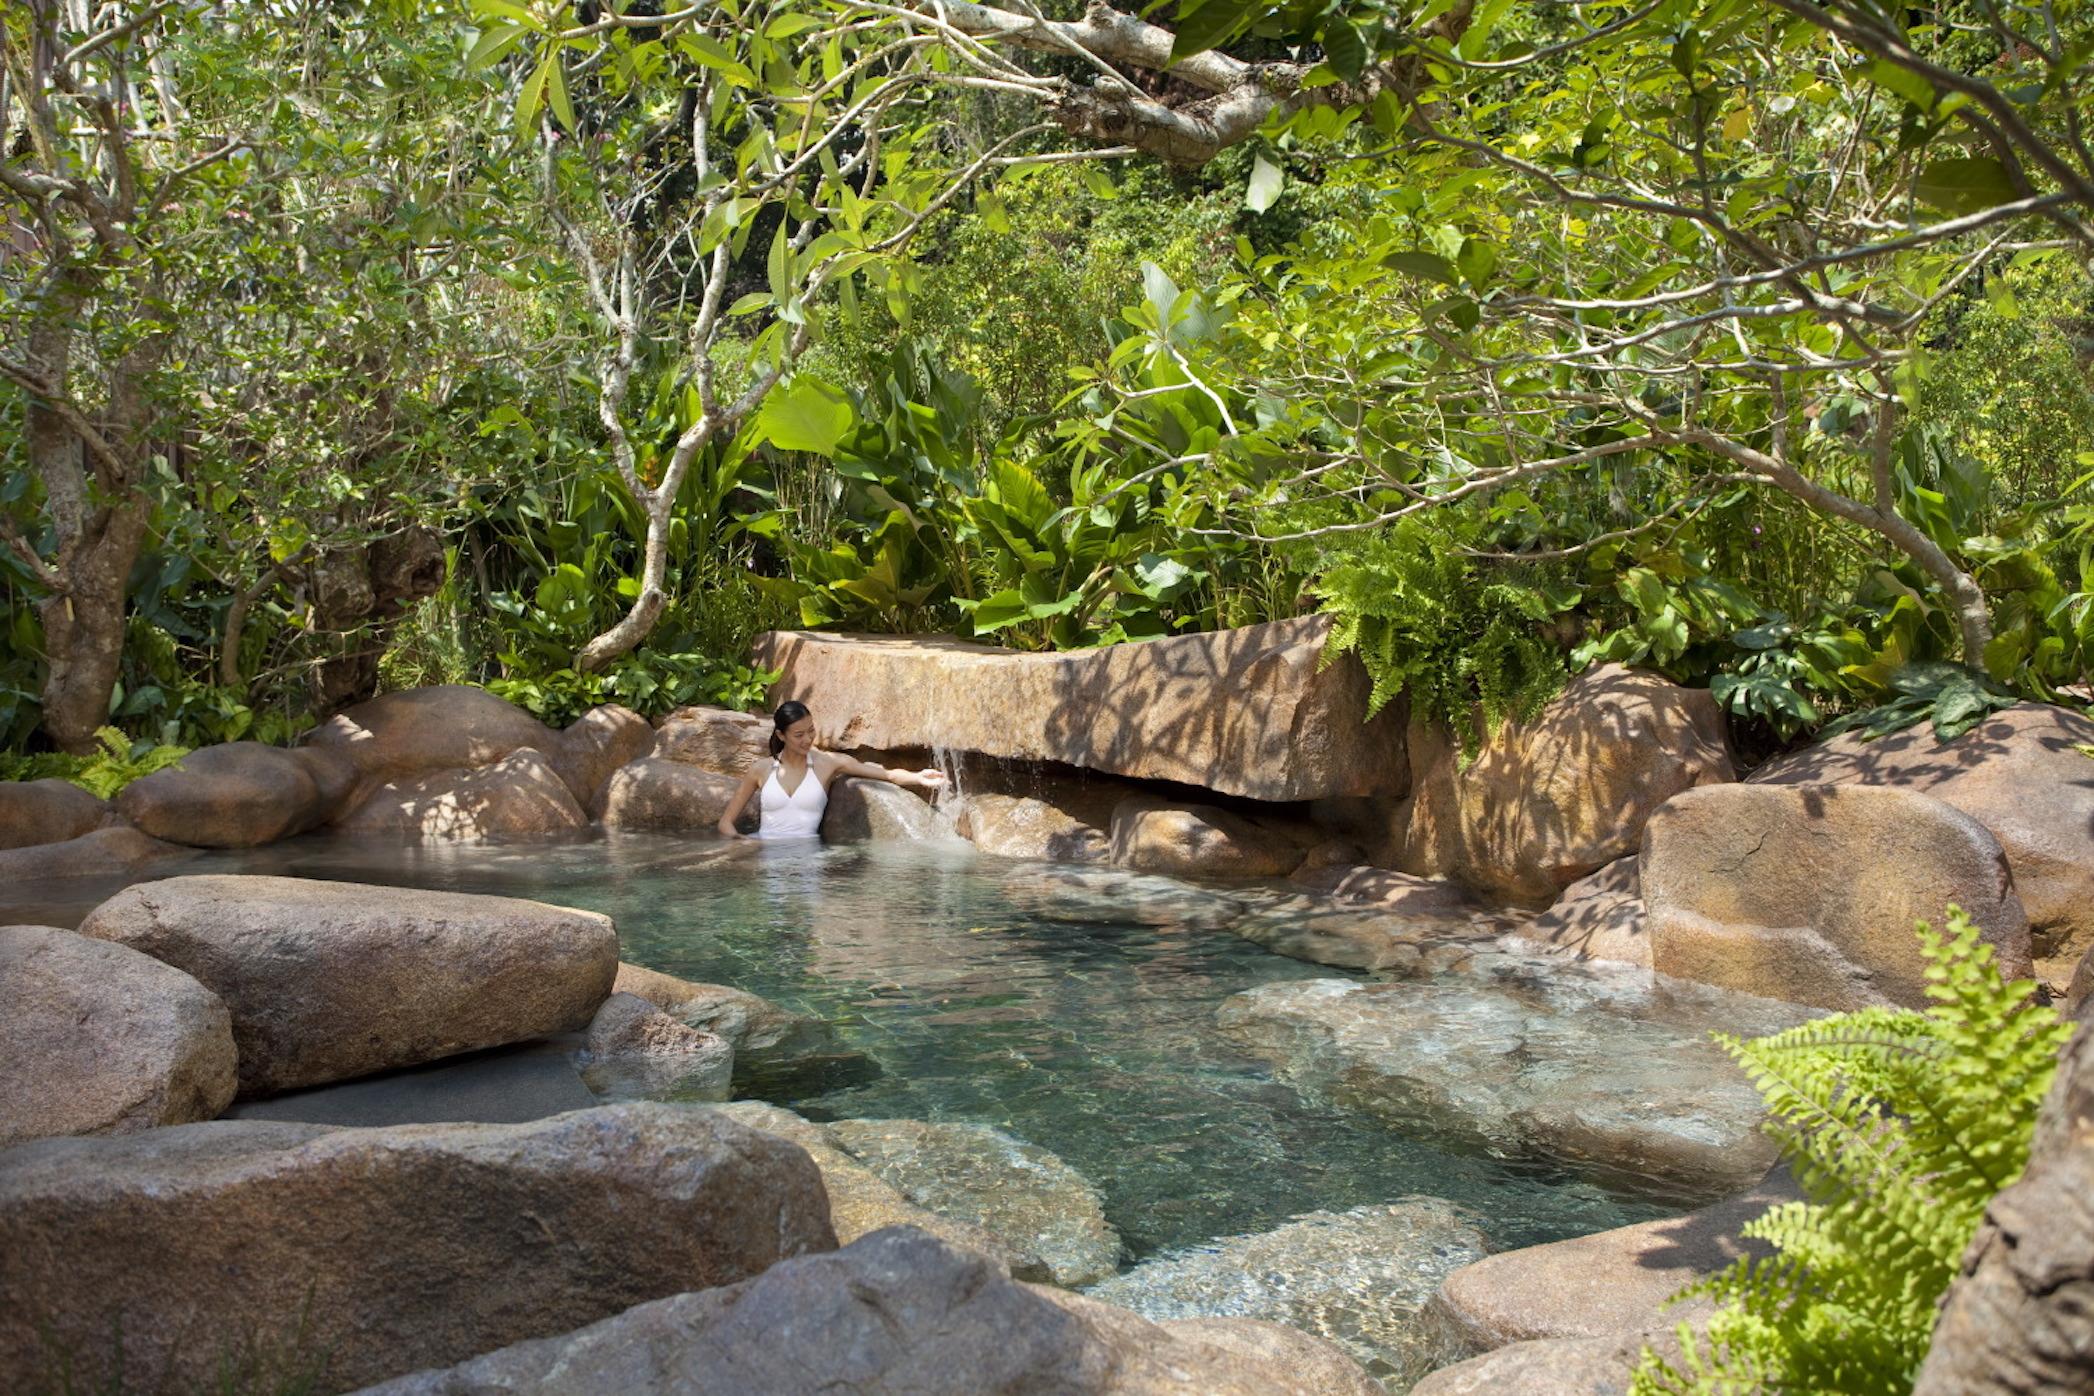 Luxury spas in Singapore: Espa